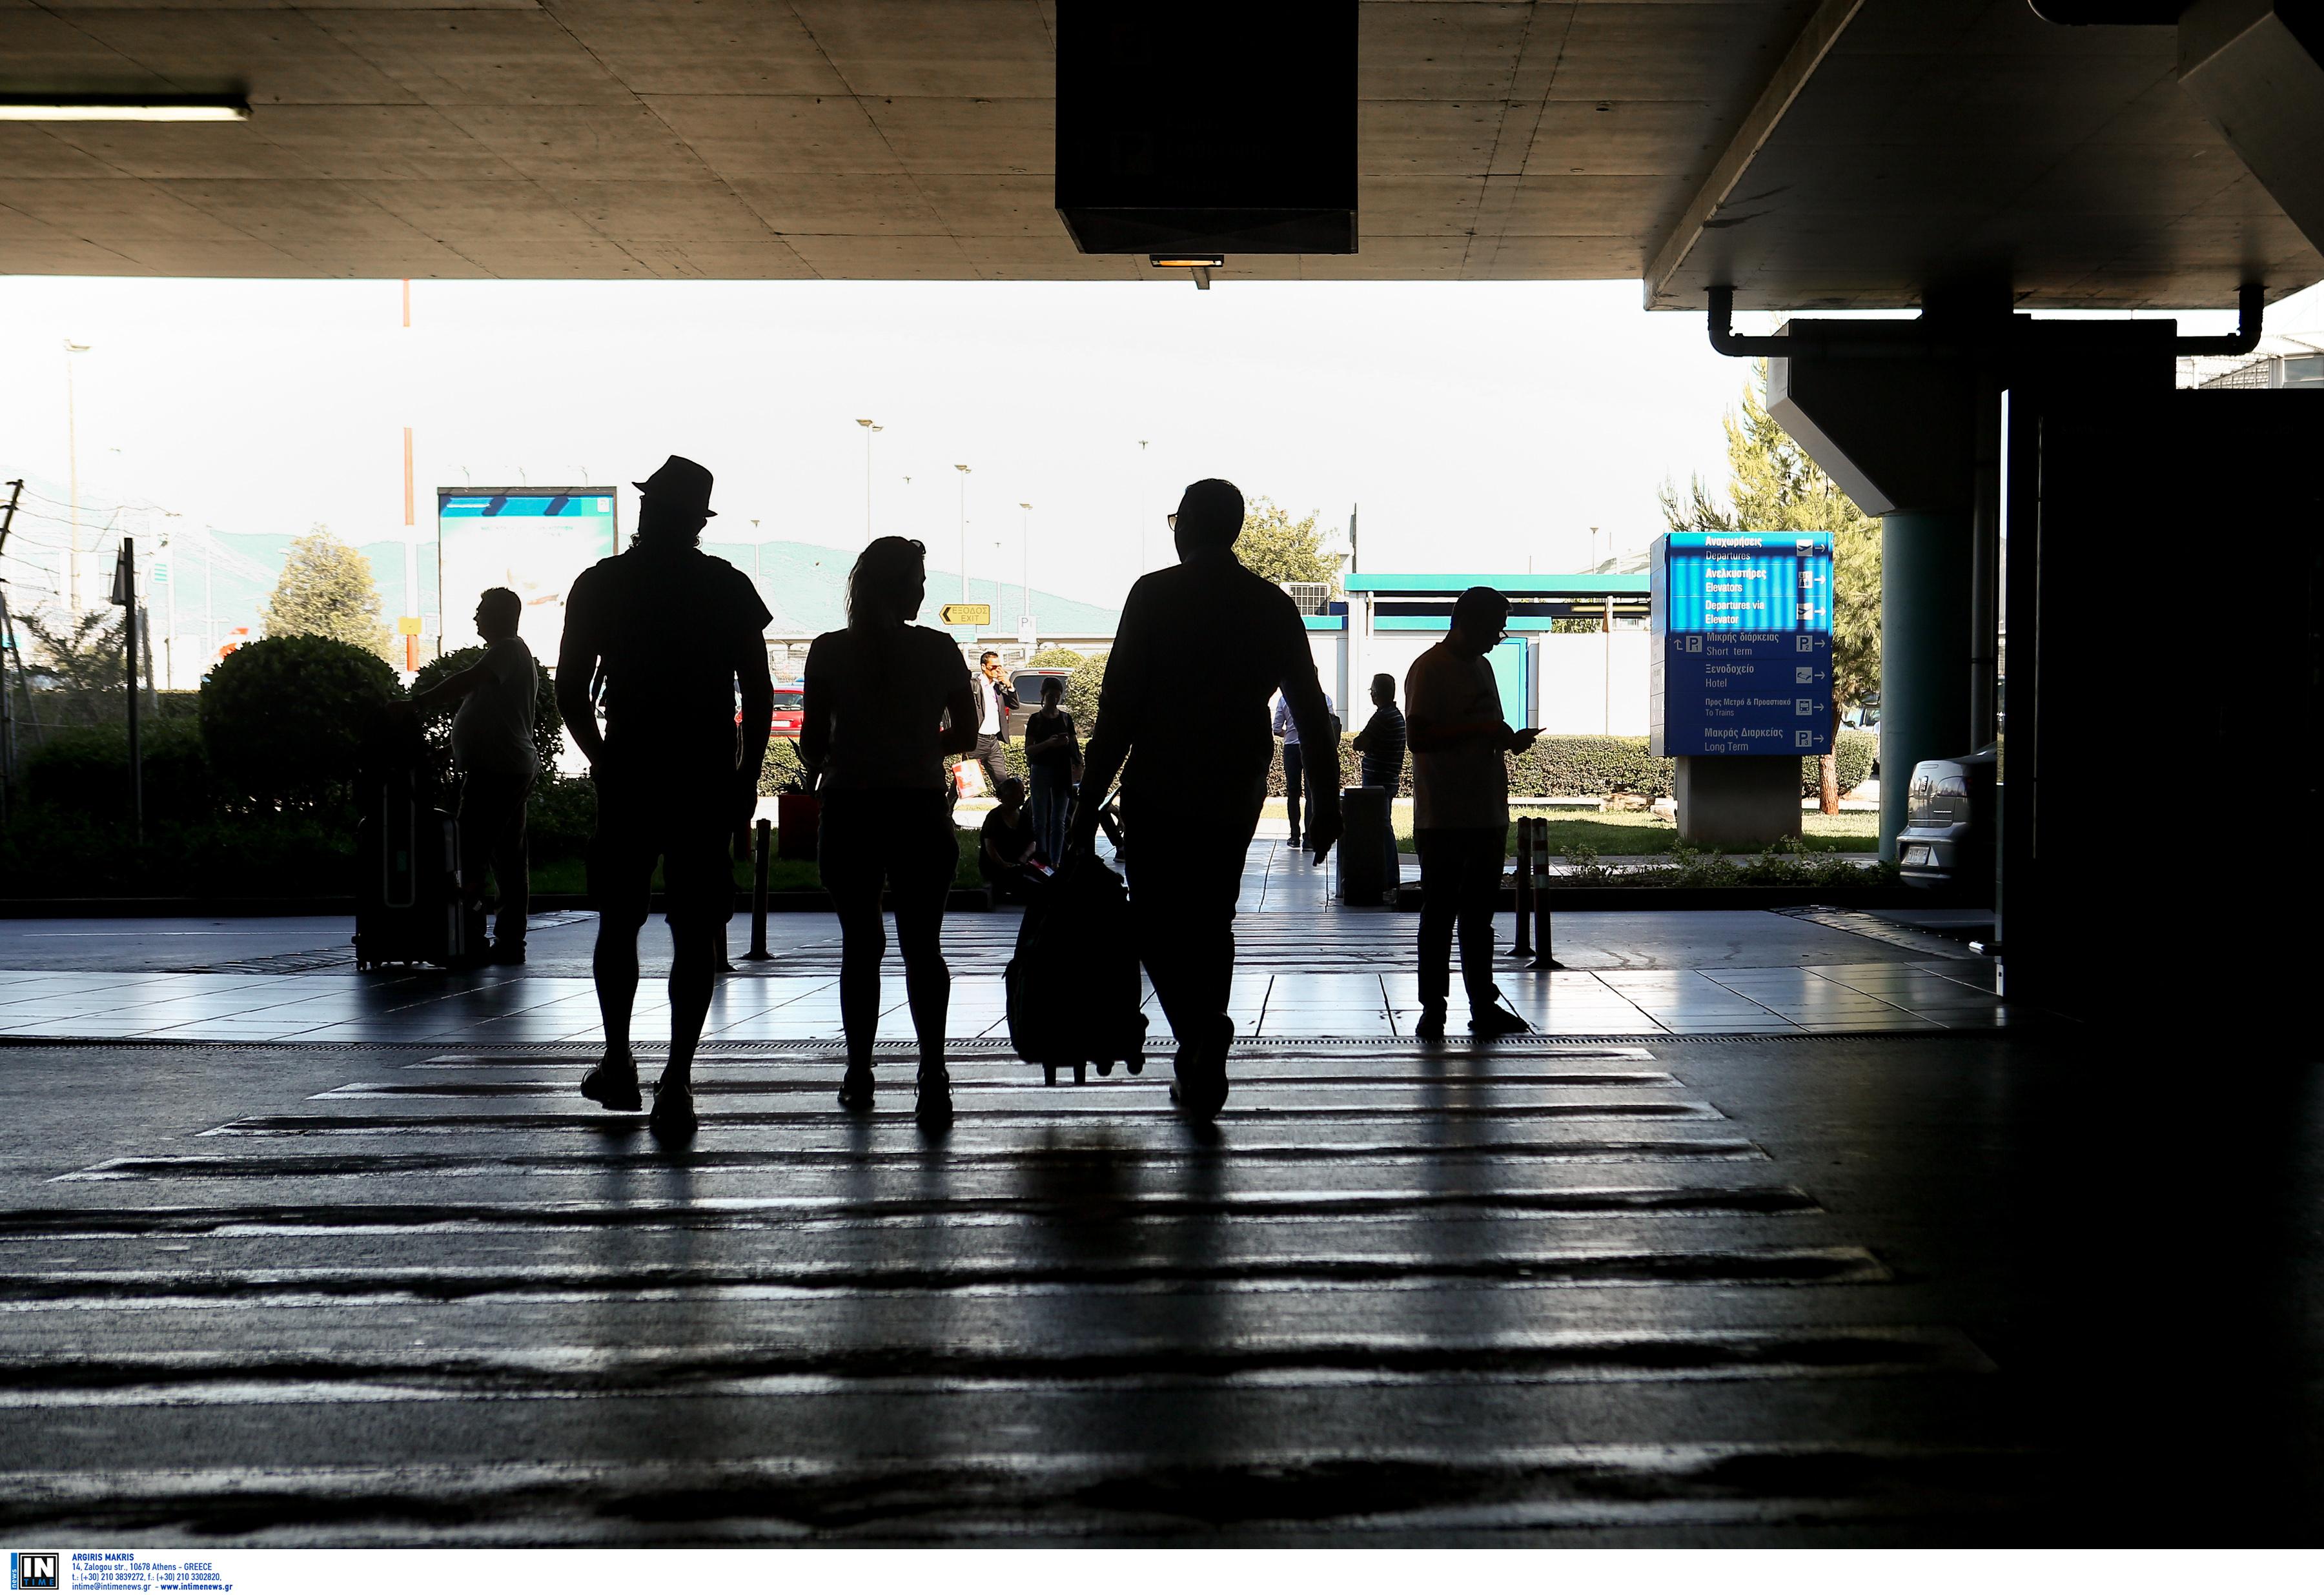 """Κοροναϊός: Κινέζοι τουρίστες από τη Γουχάν προκάλεσαν… συναγερμό στο """"Ελευθέριος Βενιζέλος""""!"""